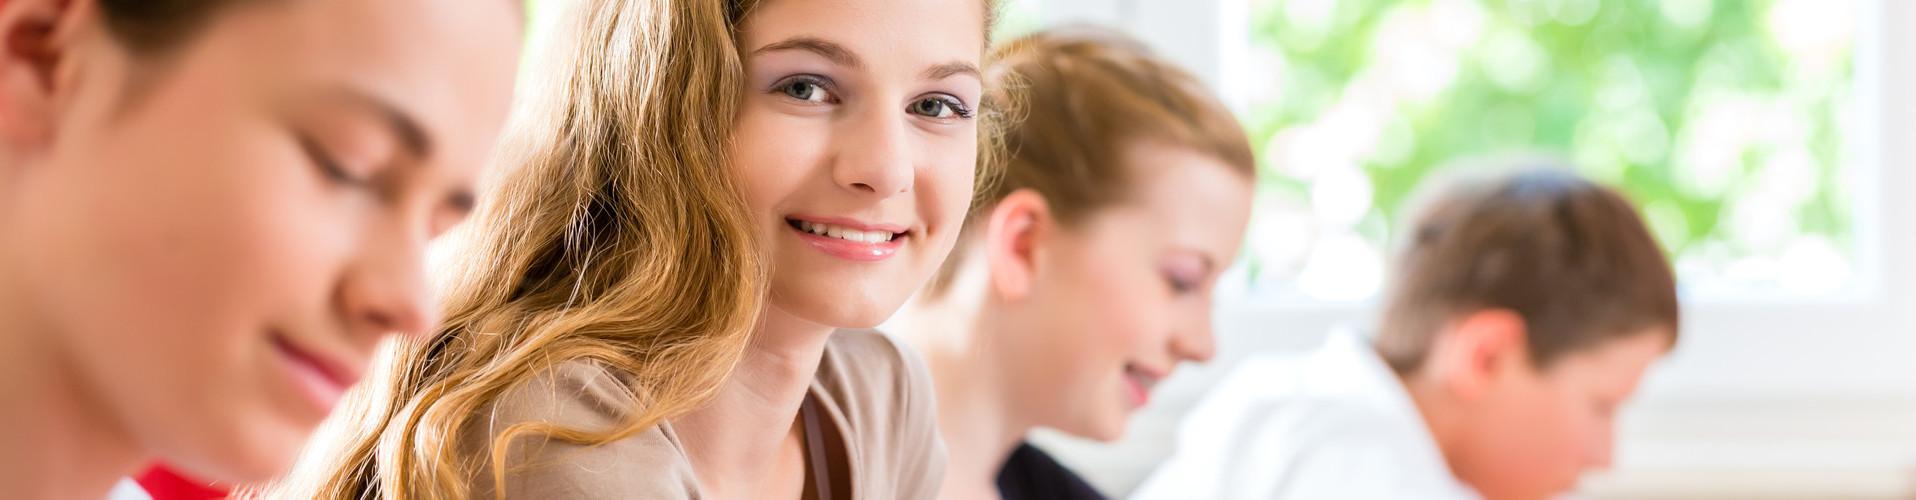 Zwei männliche und zwei weibliche Schüler sitzen im Klassenzimmer und schreiben, eines der Mädchen lächelt den Betrachter an © Kzenon, stock.adobe.com